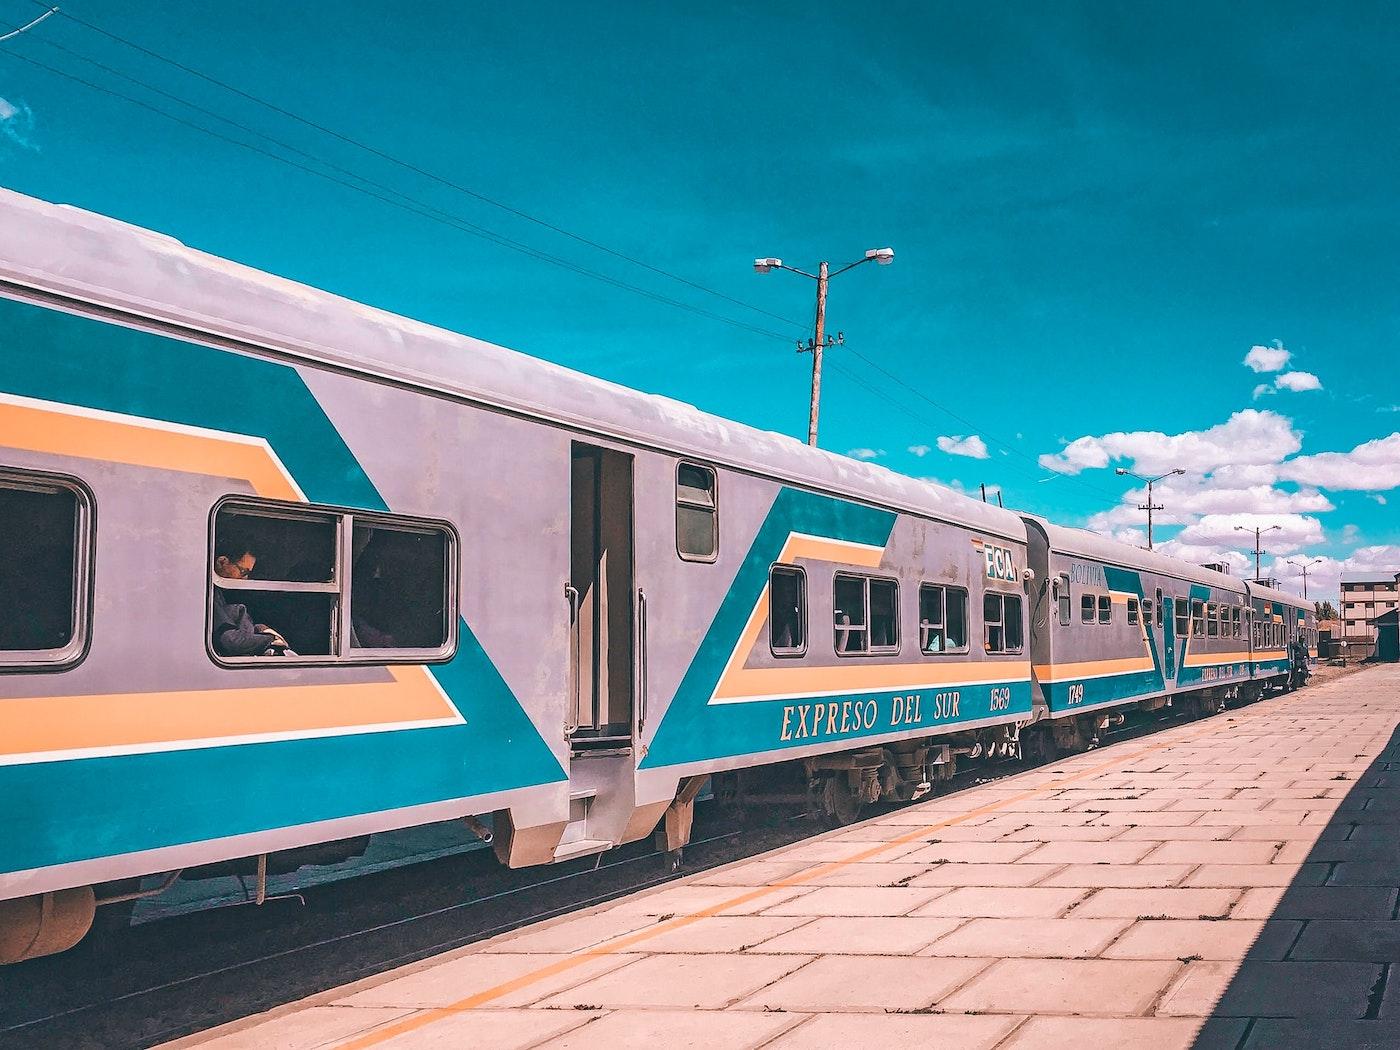 A retro train